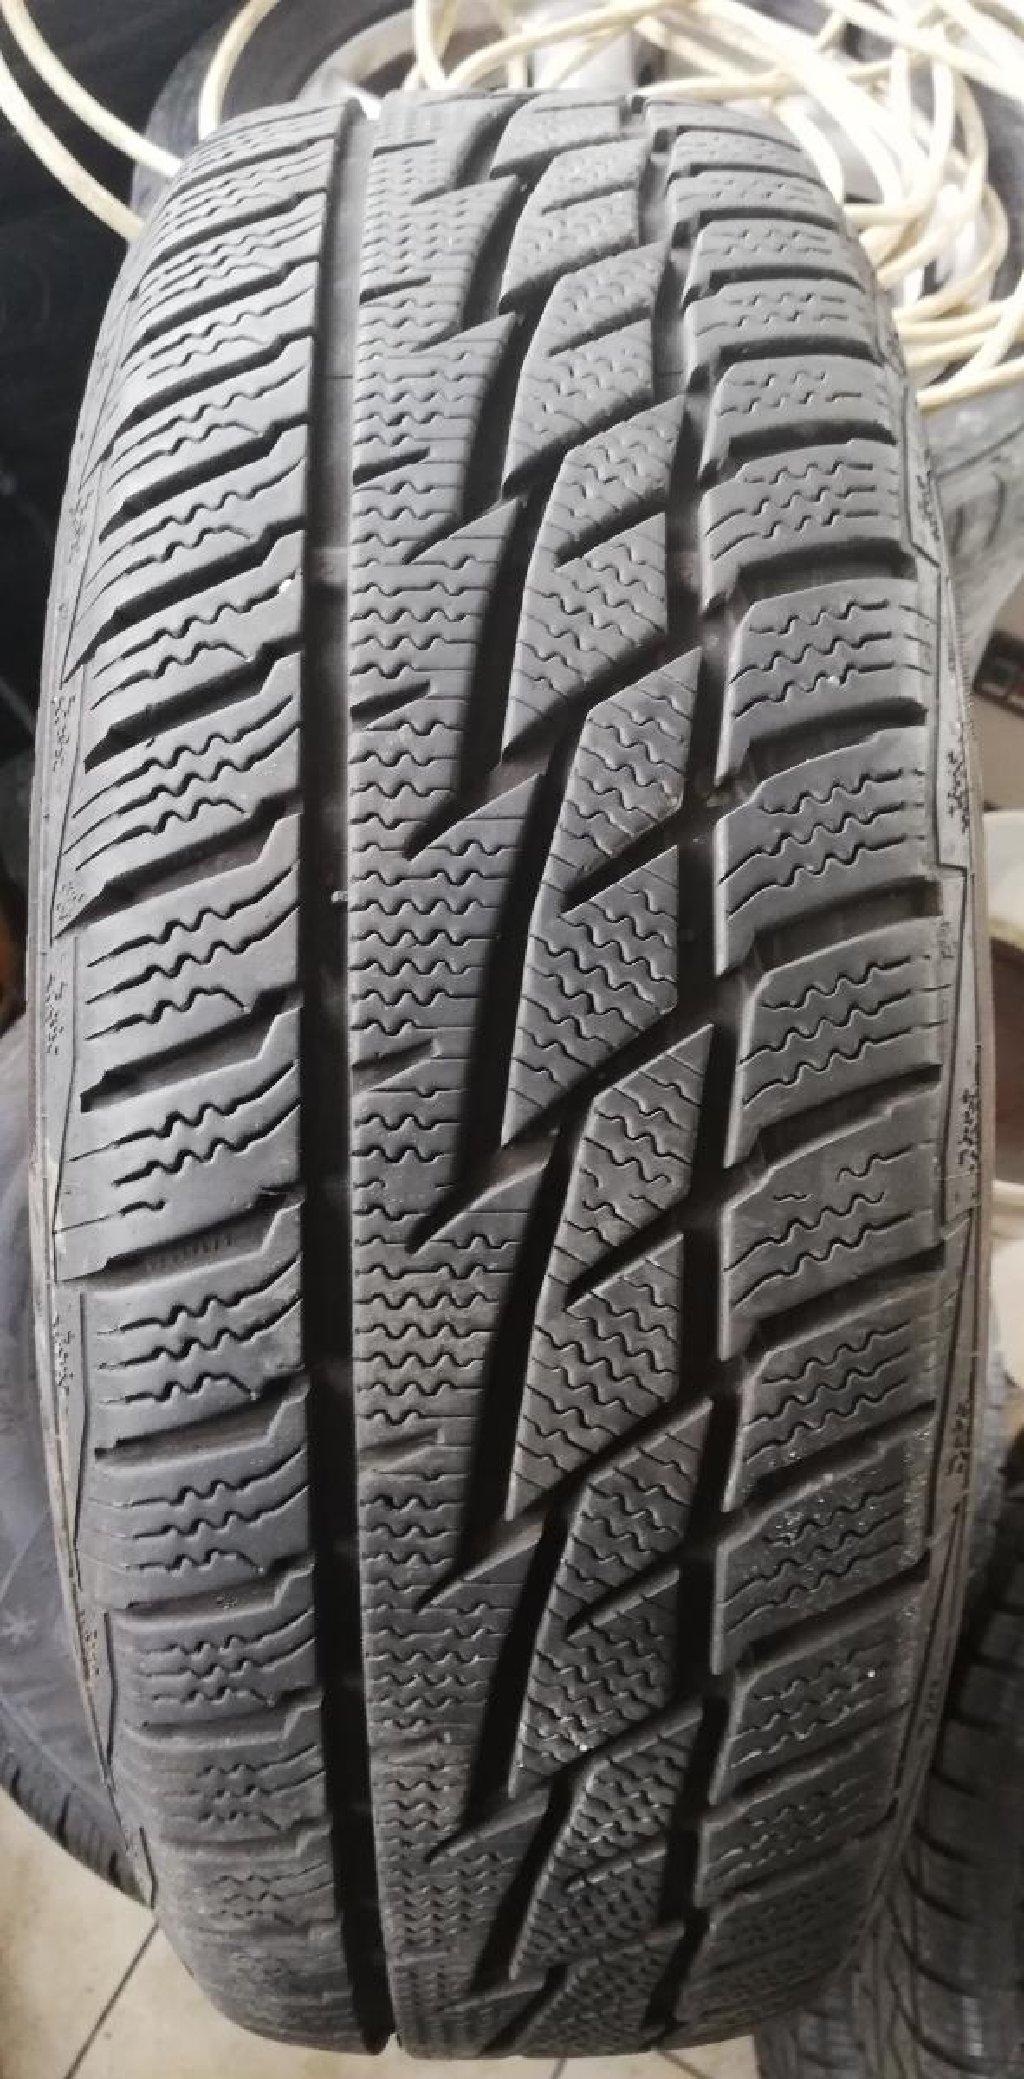 Matador zimske gume 185-60-15 gume ekstra stanje, sara 7,5mm sa felnama za fiat, proizvedene 2016 vozene 1 zimu, slike sve govore